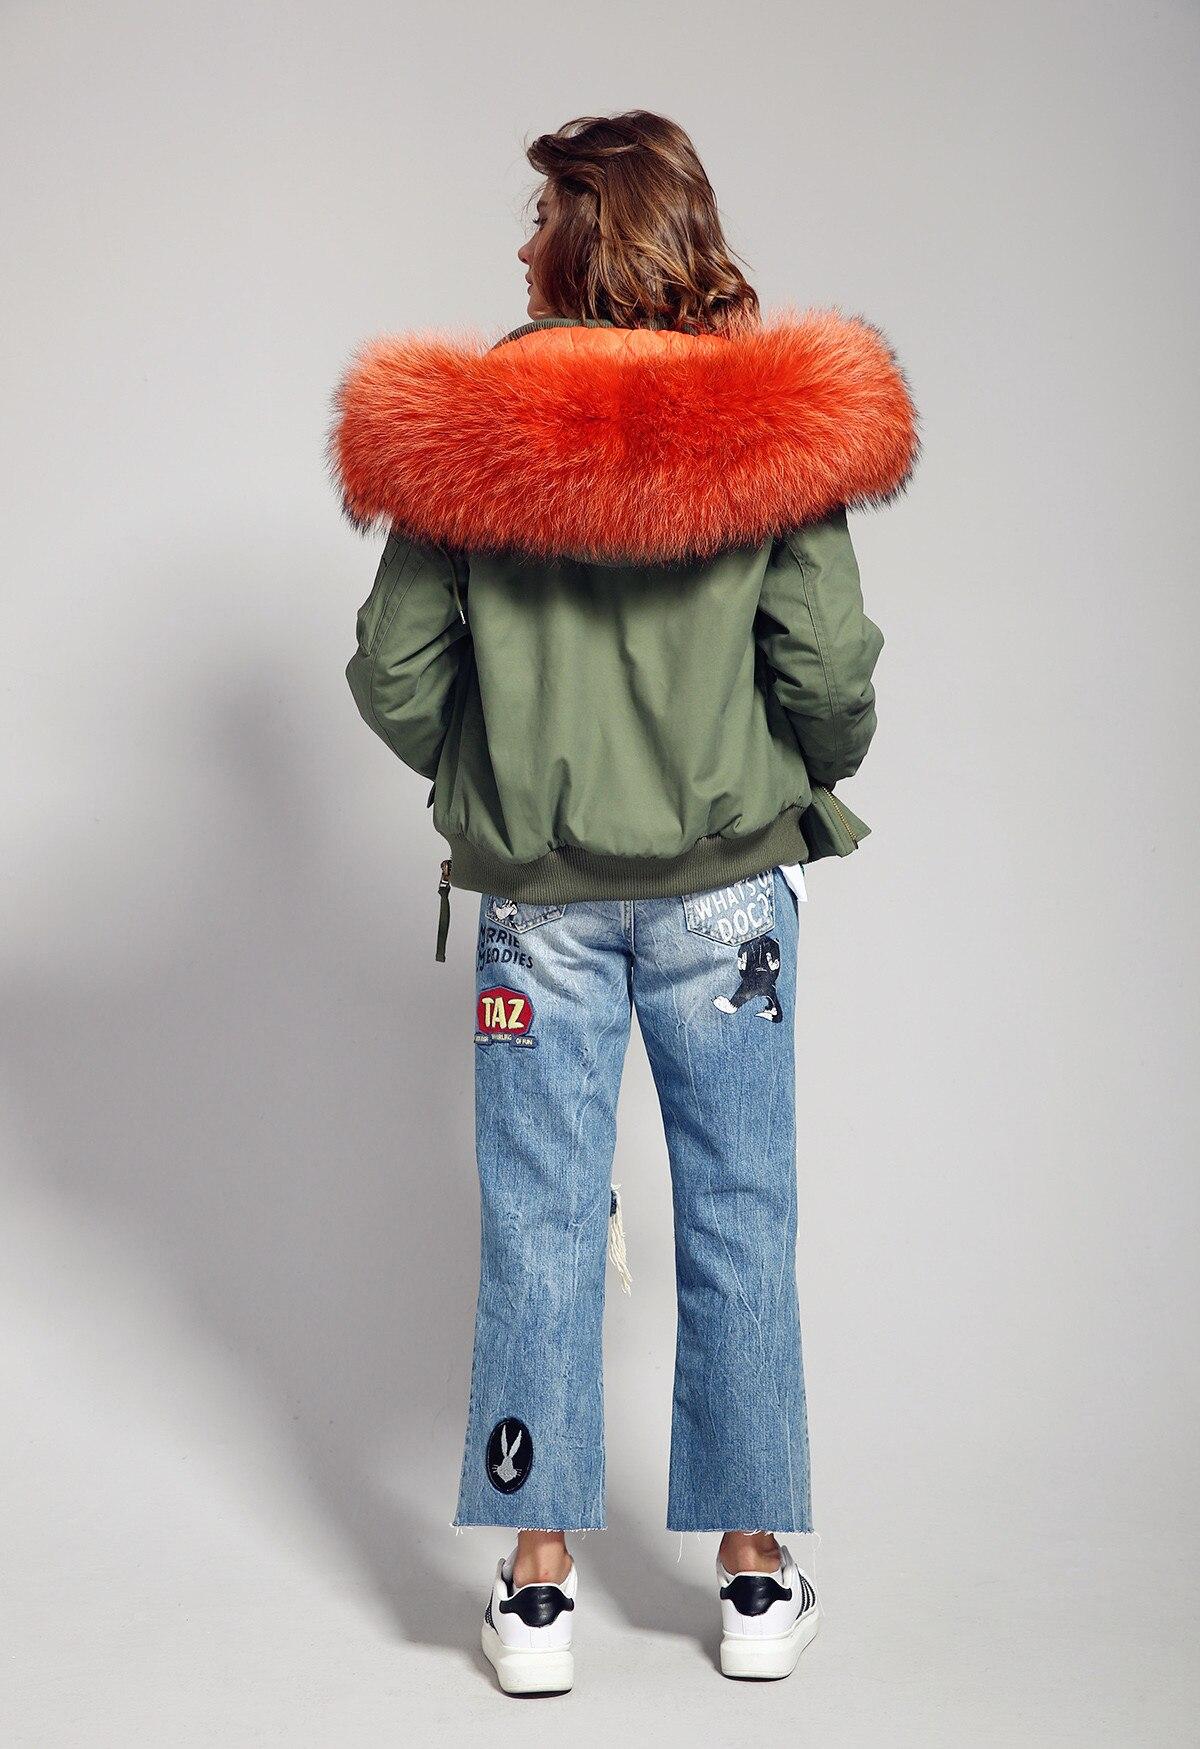 Jazzevar 2019 하이 패션 스트리트 여성 군대 그린 겨울 자켓 여성 따뜻한 폭격기 코트 후드 대형 너구리 모피 아웃웨어-에서파카부터 여성 의류 의  그룹 3